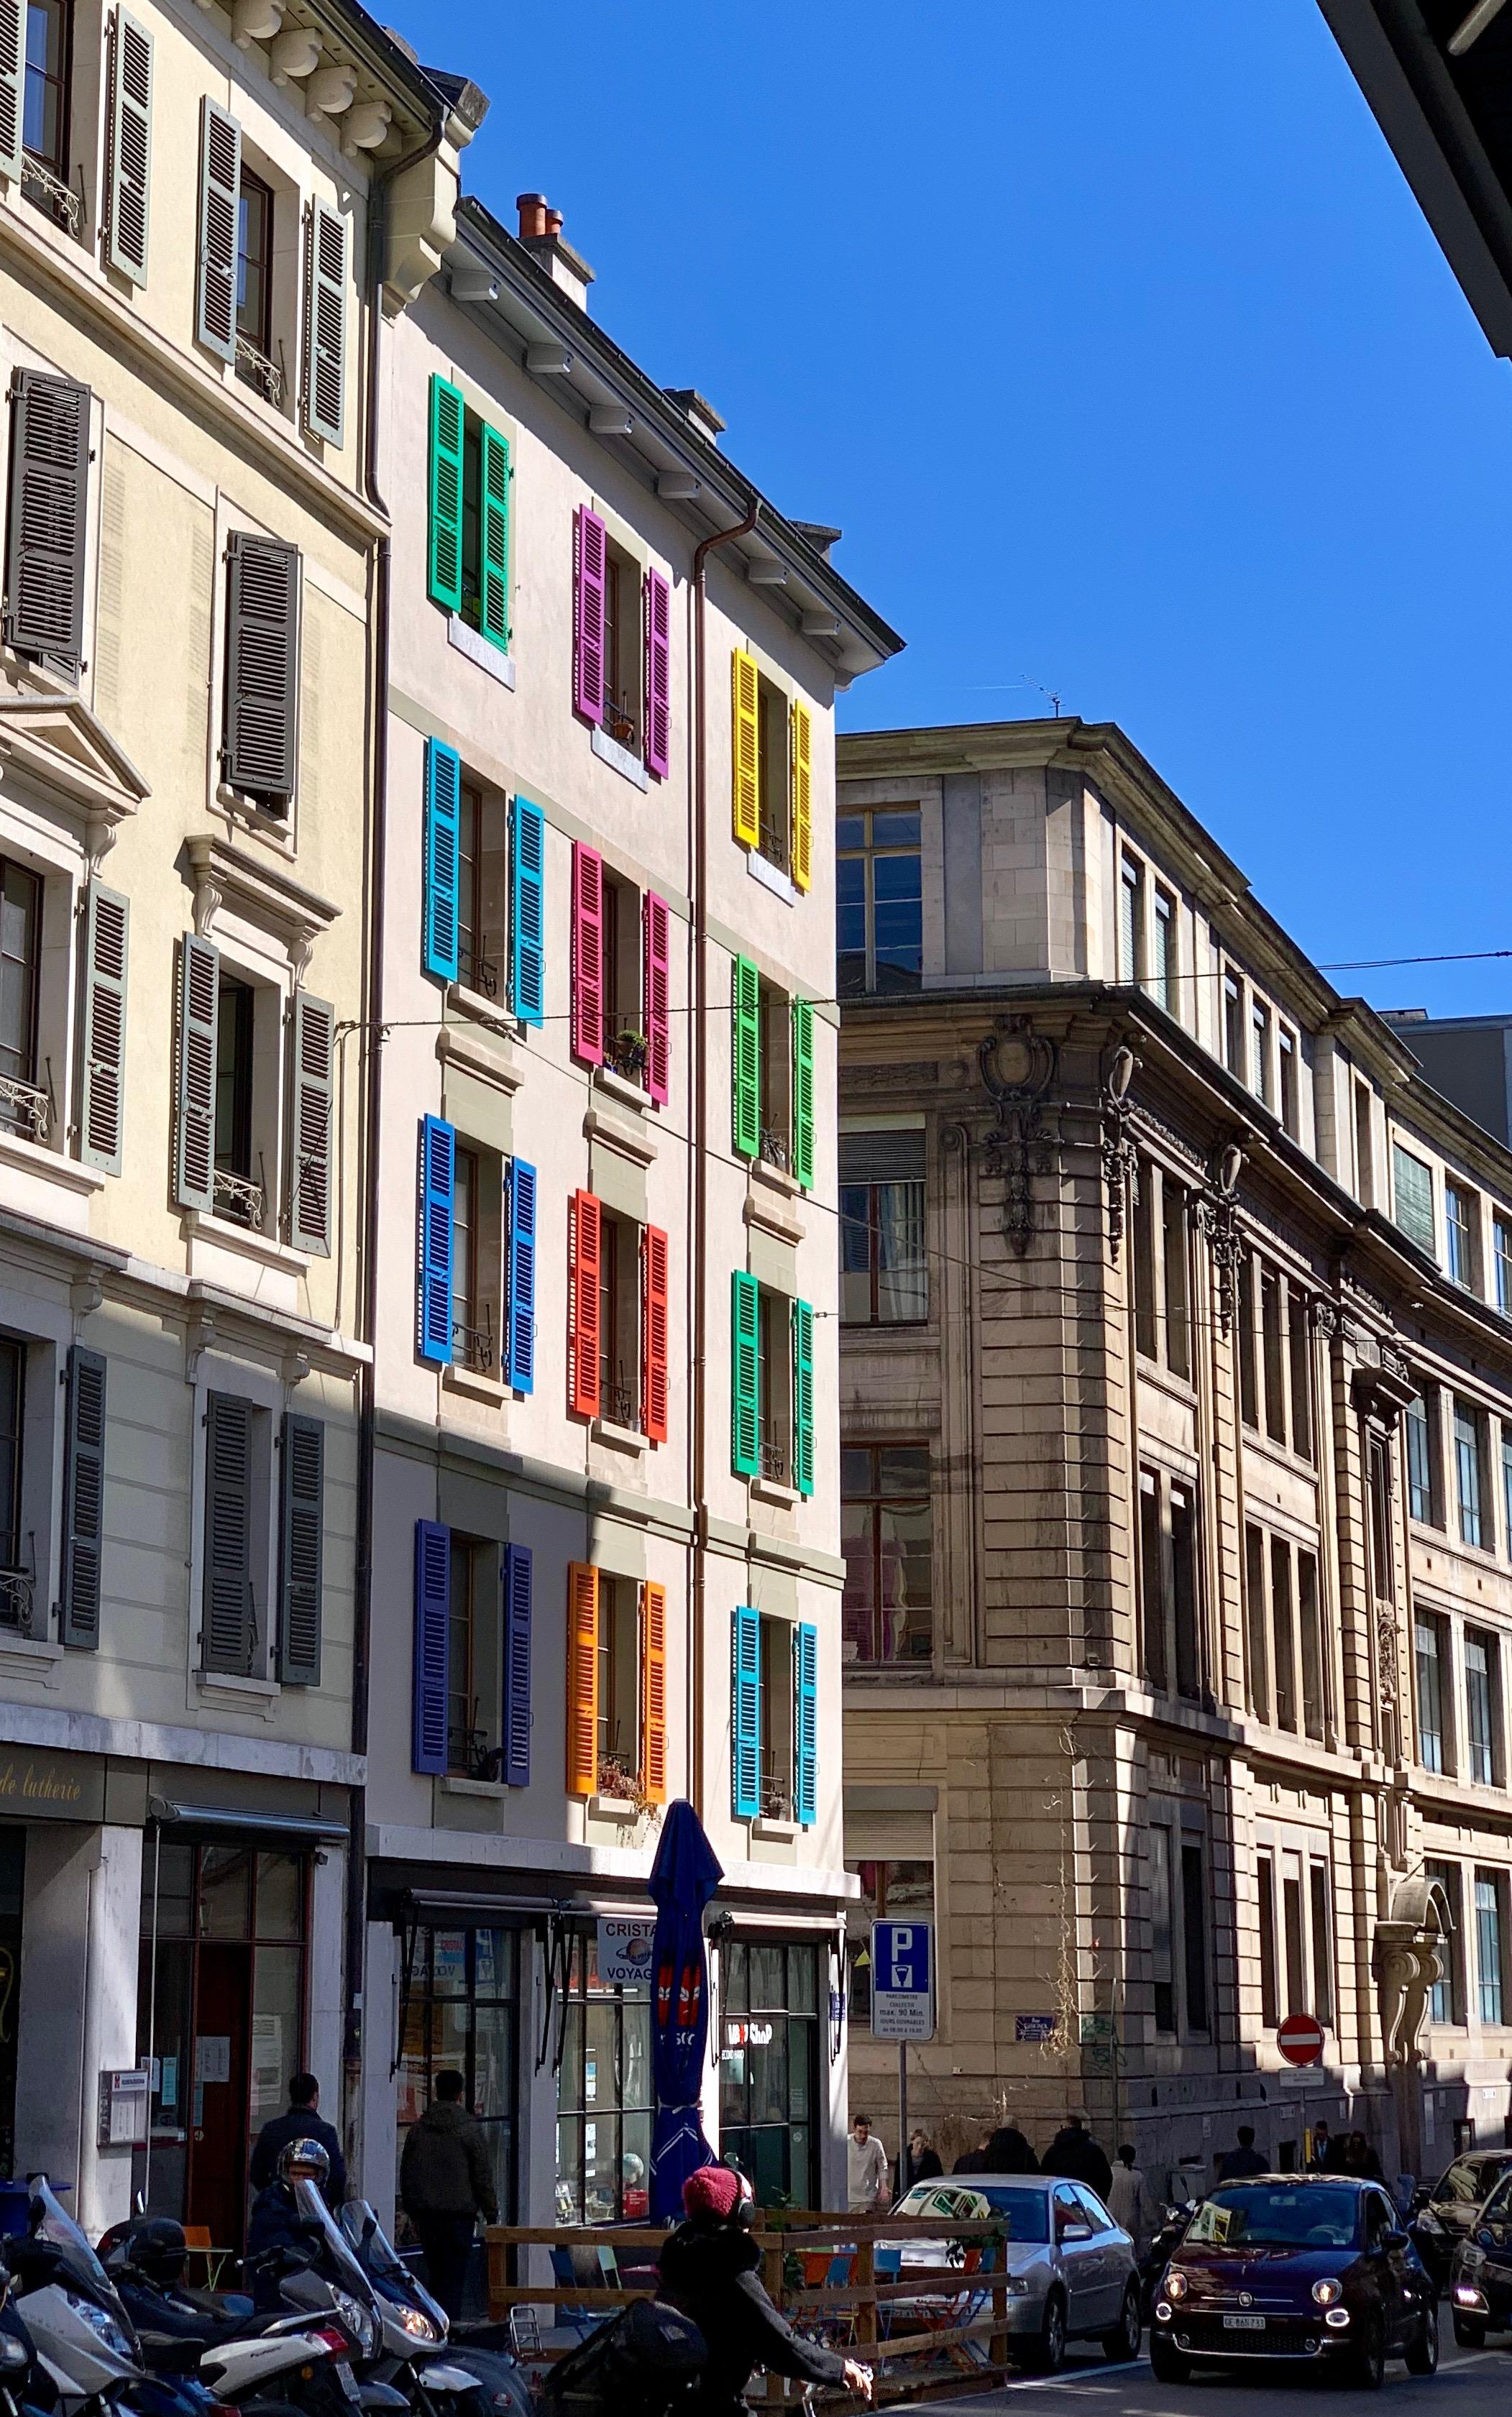 A colorful facade. Downtown Geneva, March 2019.